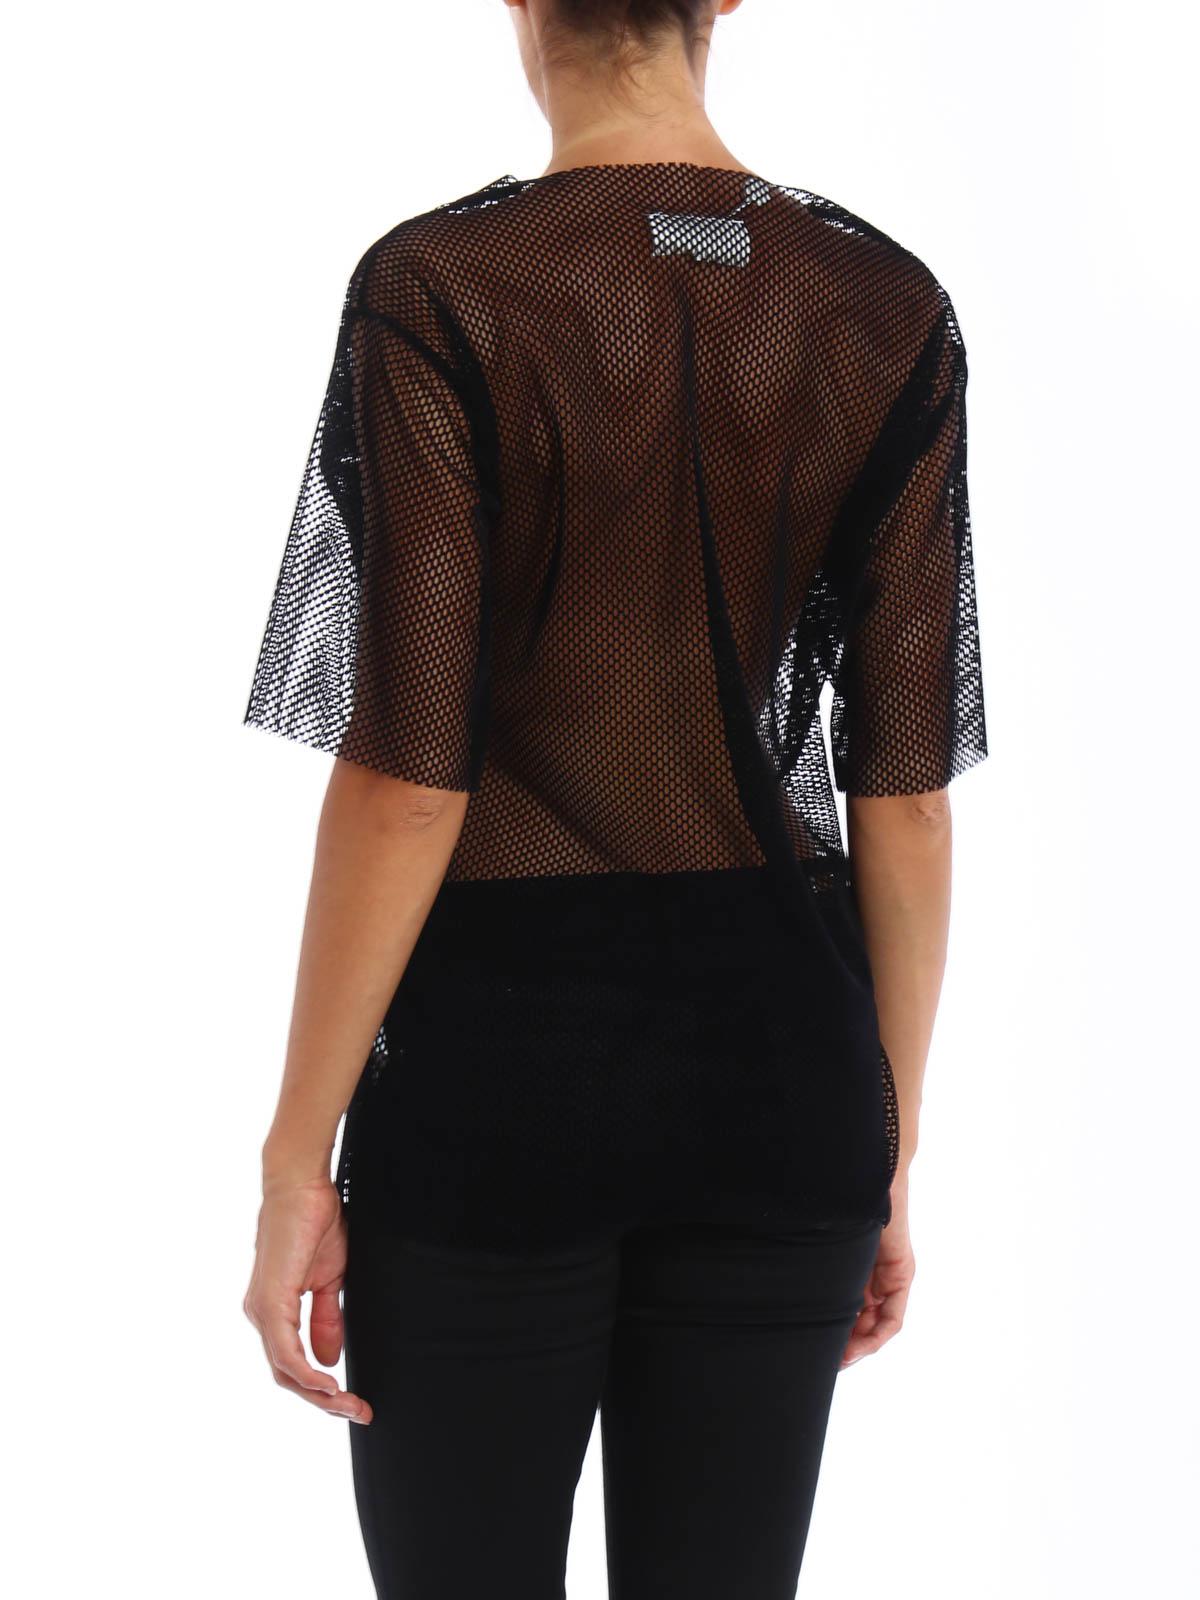 Velvet mesh T-shirt shop online: MM6 Maison Margiela